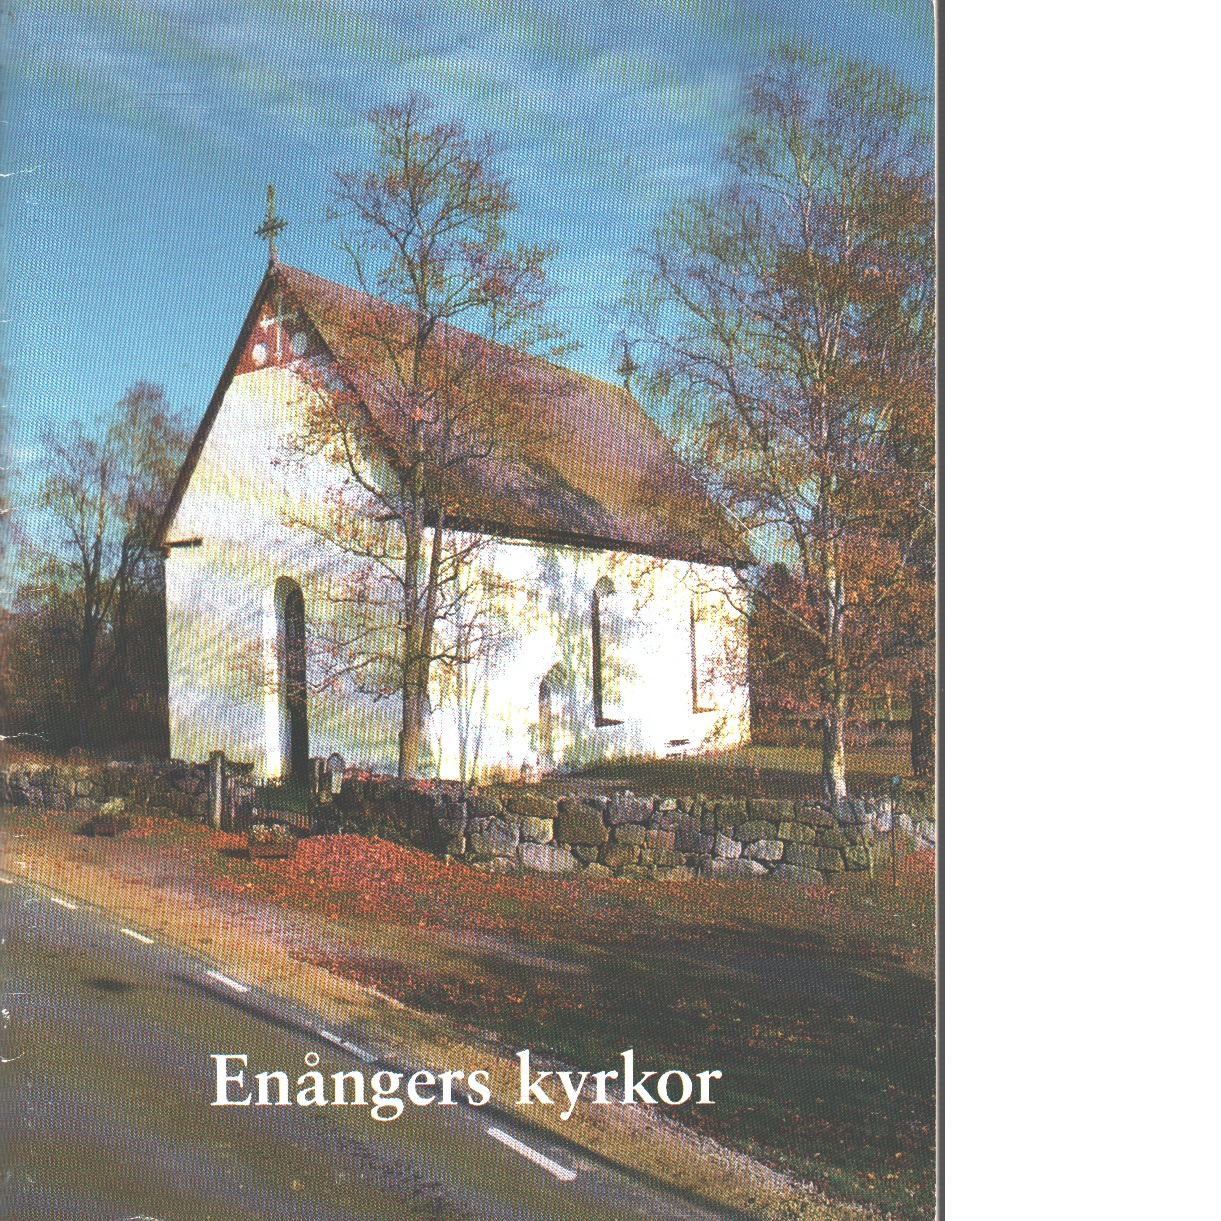 Enångers kyrkor - Nisbeth, Åke